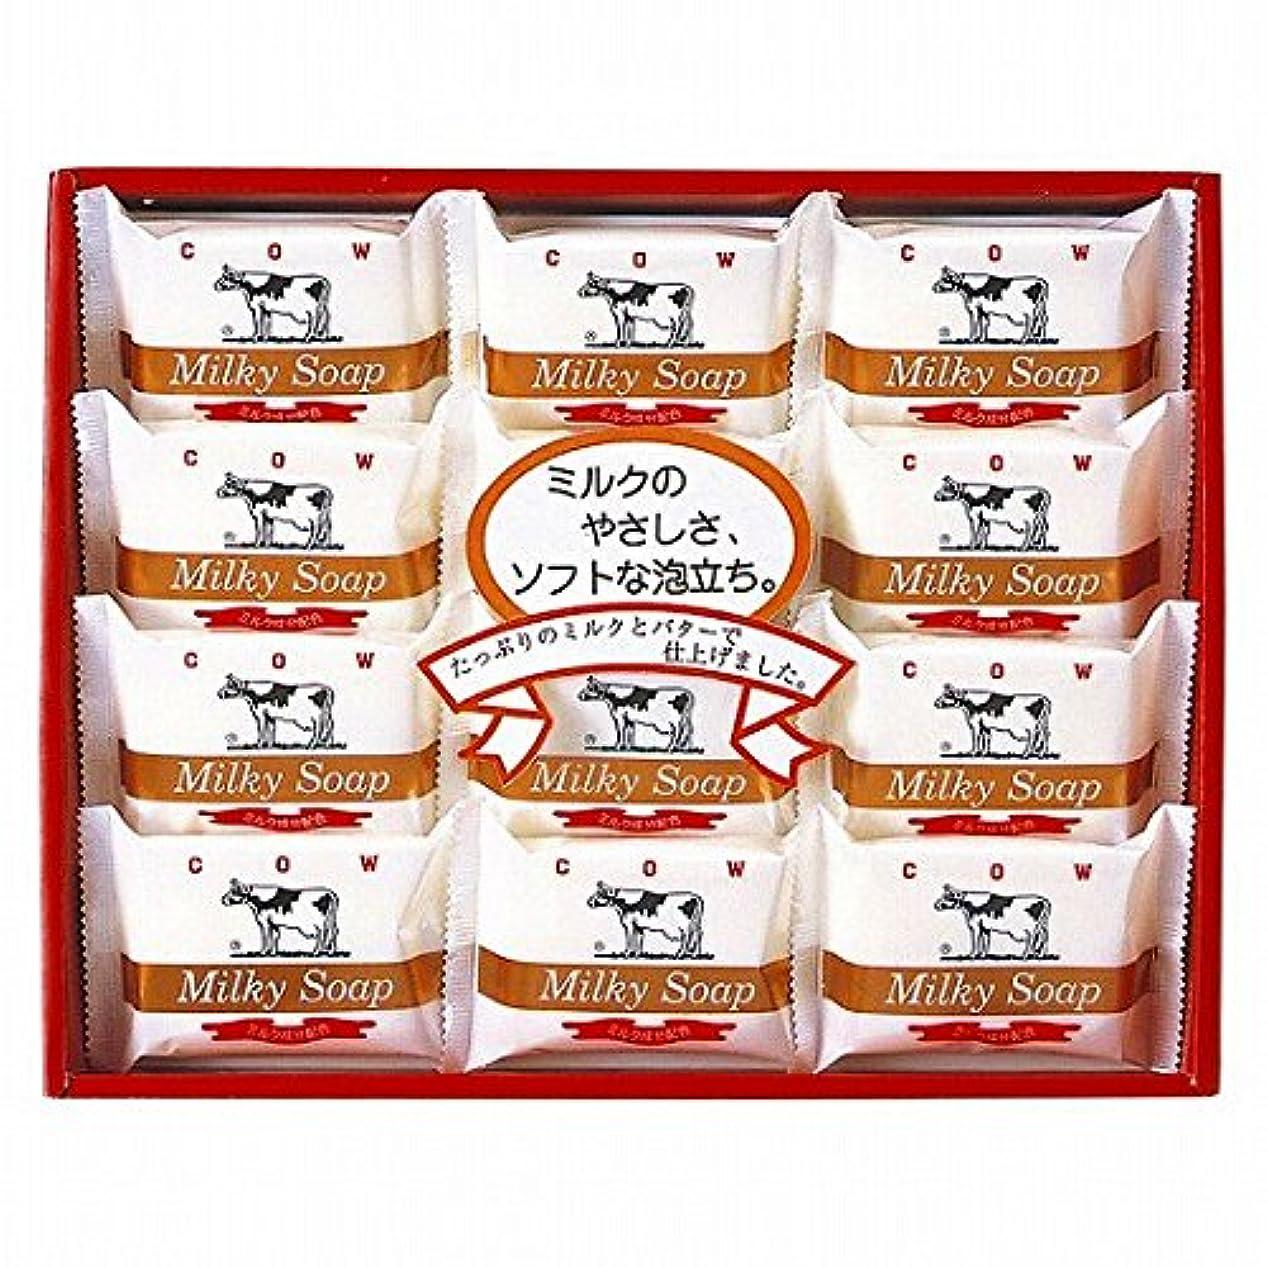 うまくやる()論理的幻影nobrand 牛乳石鹸 ゴールドソープセット (21940005)